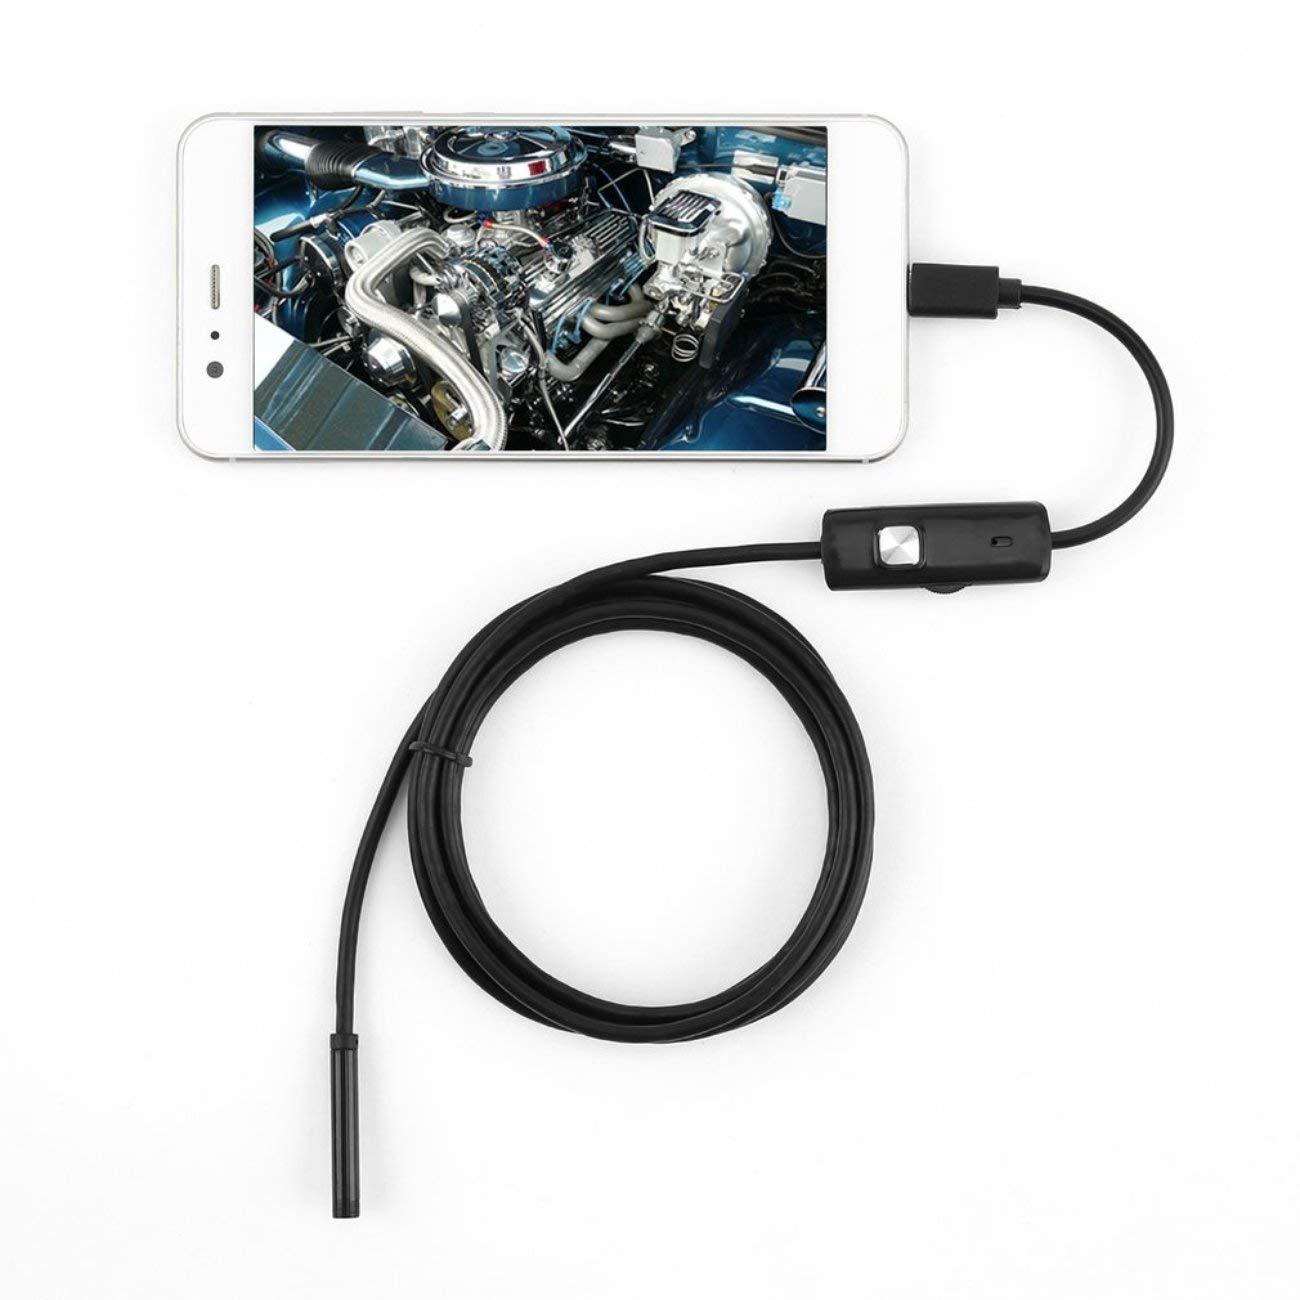 Elviray 6 LED 5,5 Millimetri Lente endoscopio Impermeabile periscopio di ispezione per Android Focus Obiettivo della Fotocamera Cavo USB Endoscopio Impermeabile